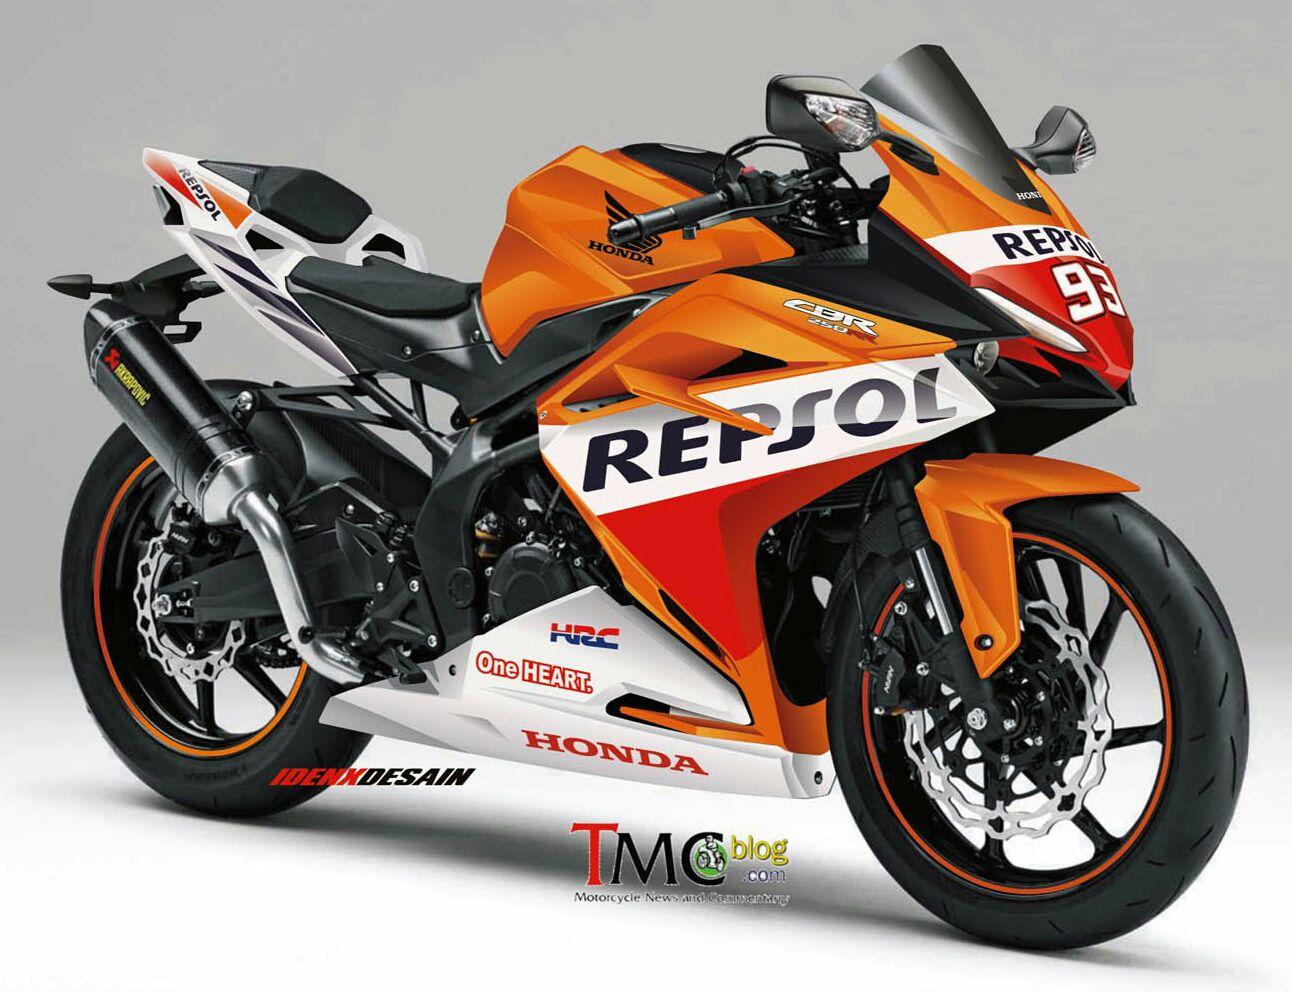 Honda cbr 2014 sports super sports bike photo - 2016 Honda Cbr Sportbike Motorcycle Light Weight Super Sports Concept Possible Cbr250rr Cbr300rr Coming New Design Trait For 2016 Cbr1000r